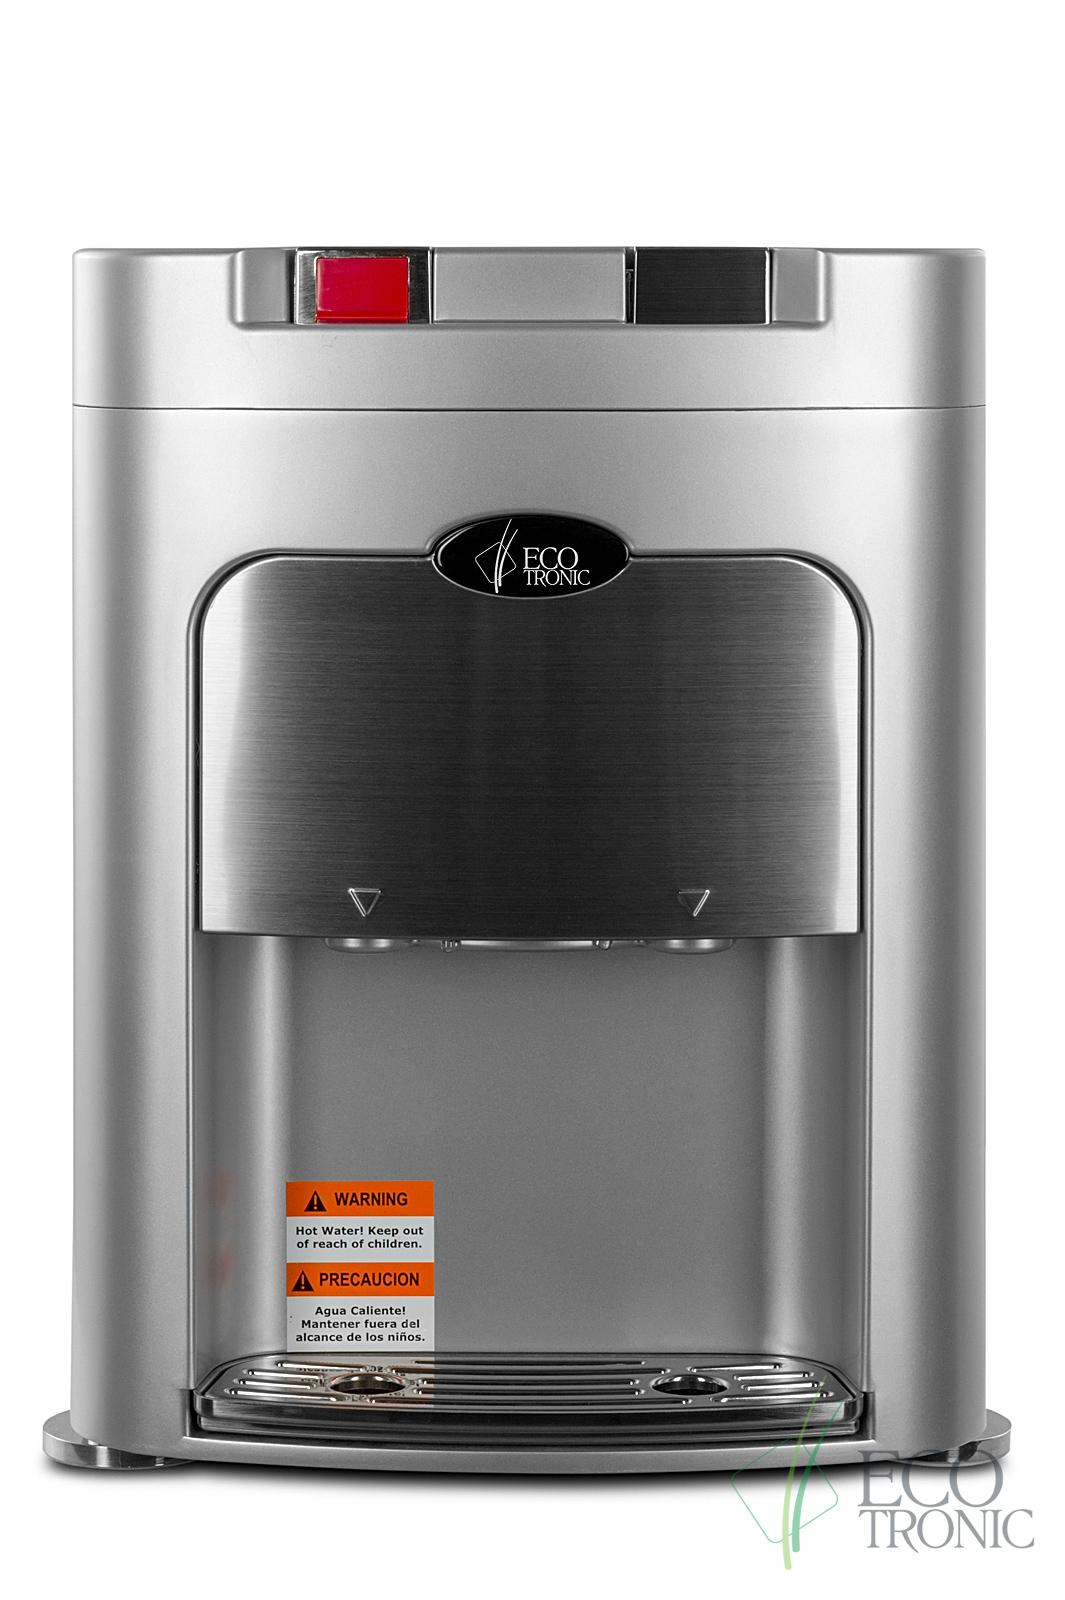 Кулер Ecotronic C8-TZ с дистанционным забором воды